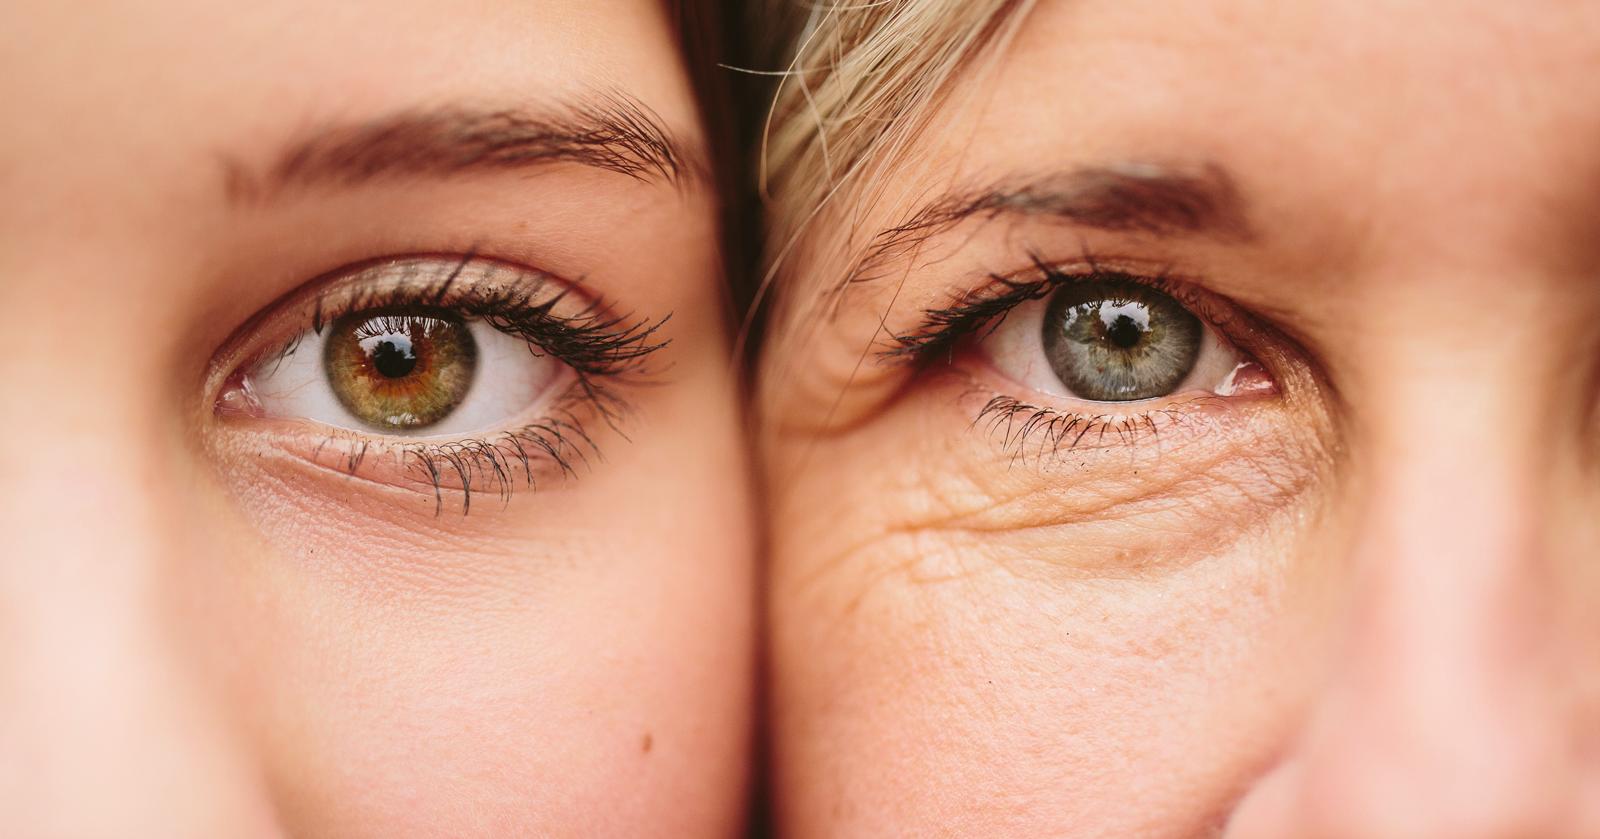 Das große Dilemma unseres Menschseins ist: Wir wollen lange leben, altern wollen wir aber nicht.